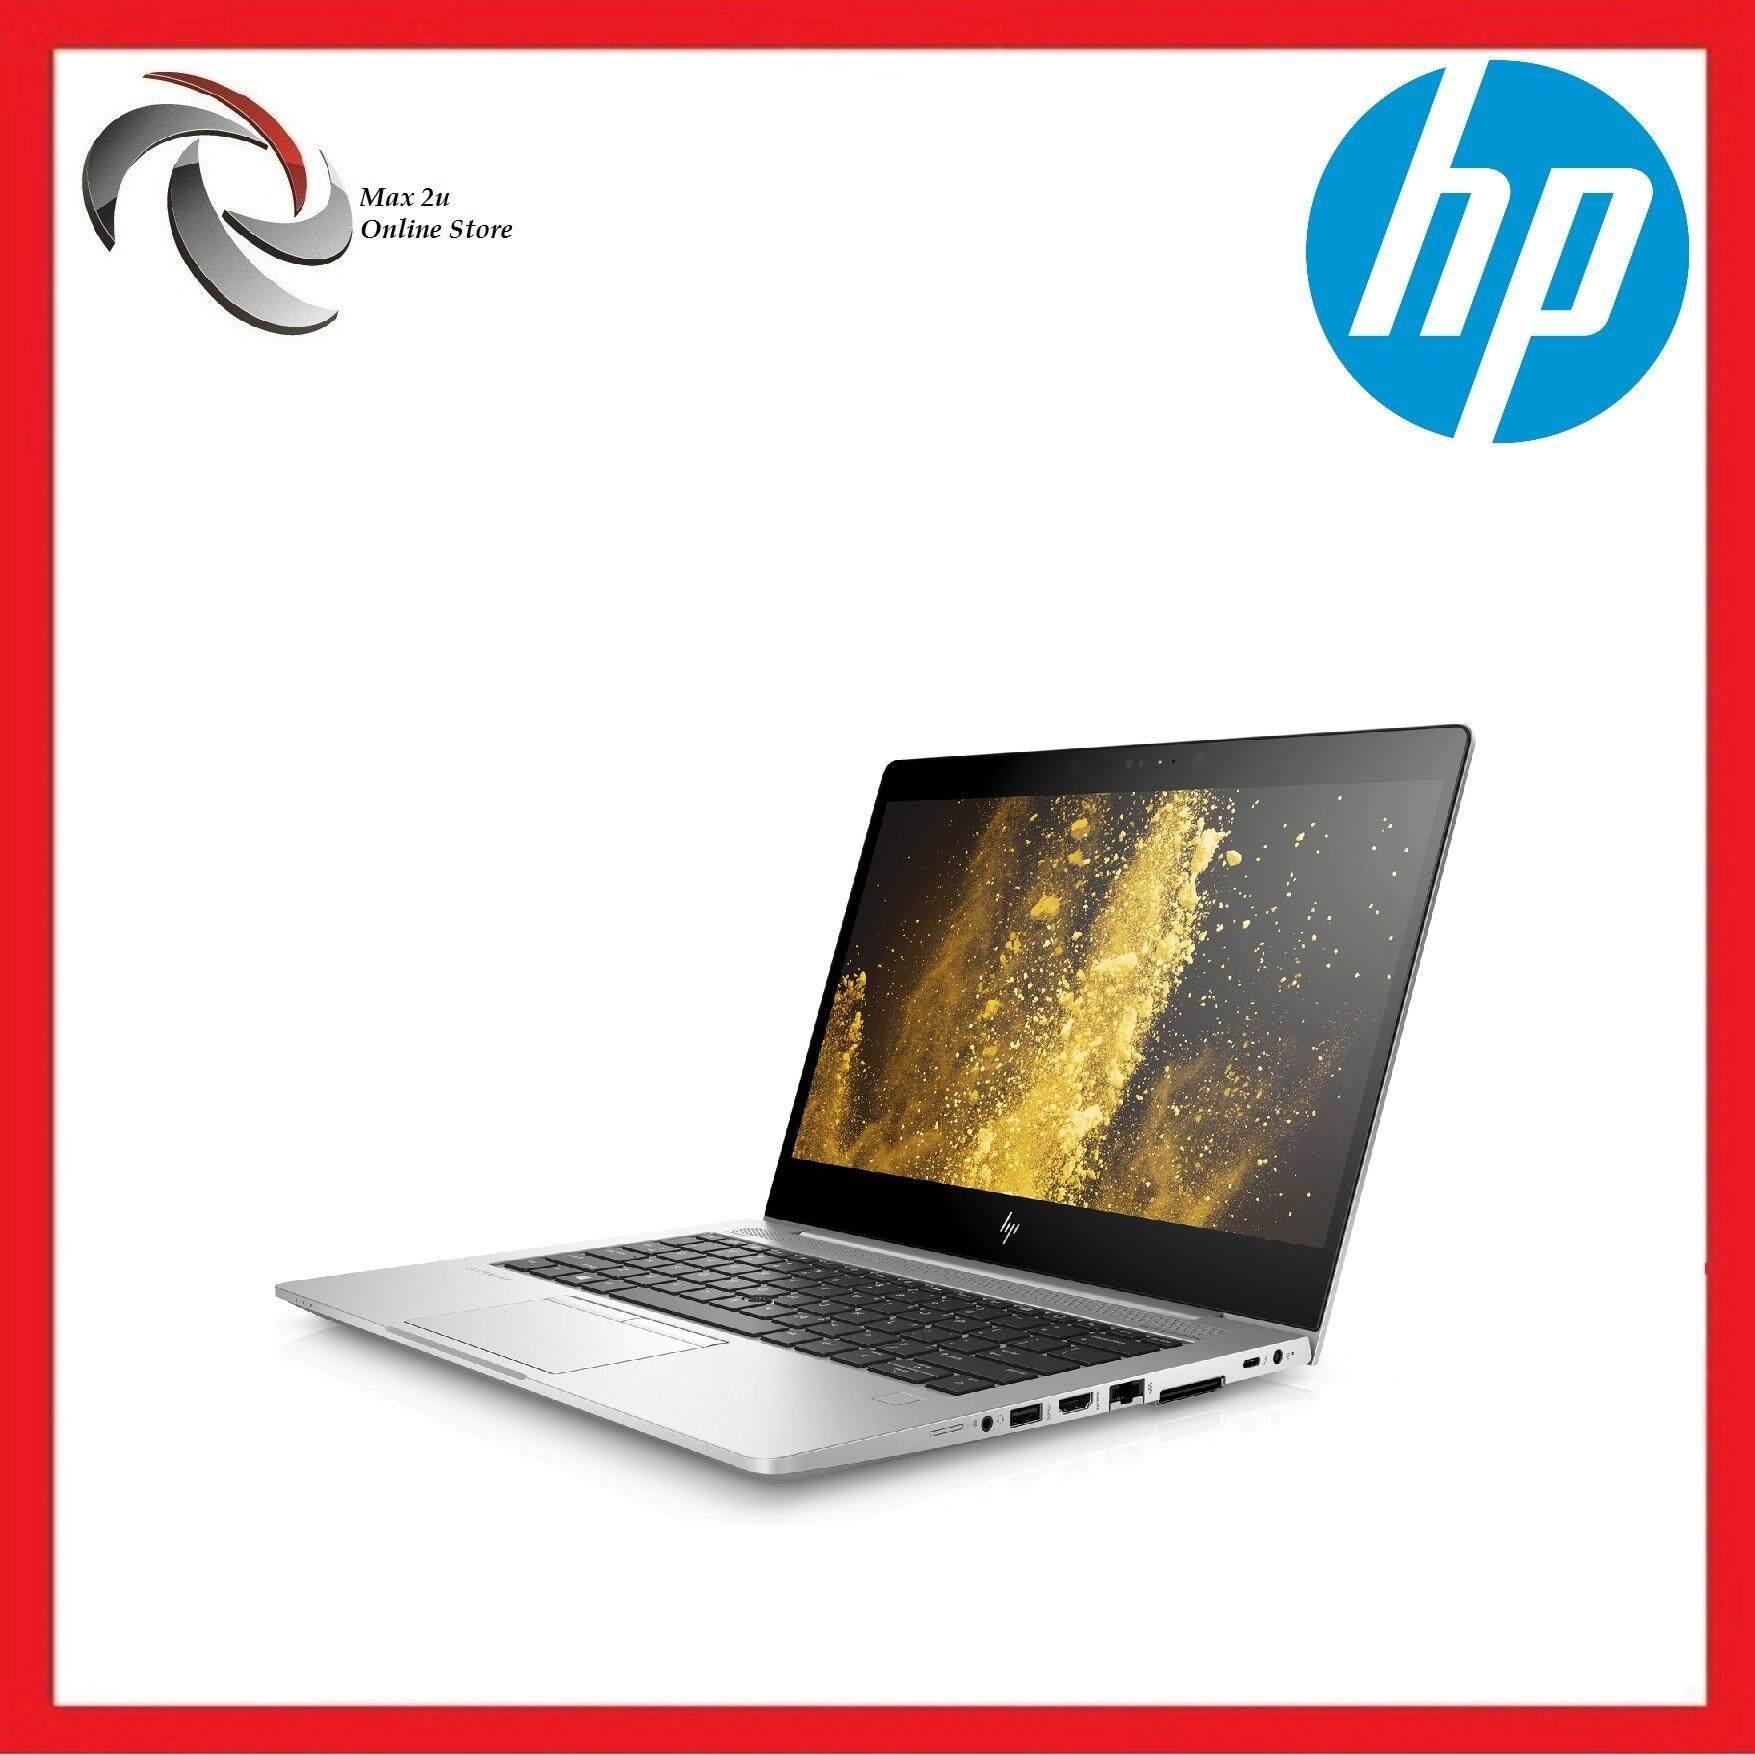 HP Commercial Notebook Laptop EliteBook 830 G6 7WN85PA#UUF (I5-8265U/8GB/256GB/13.3/W10P/3Y) Malaysia